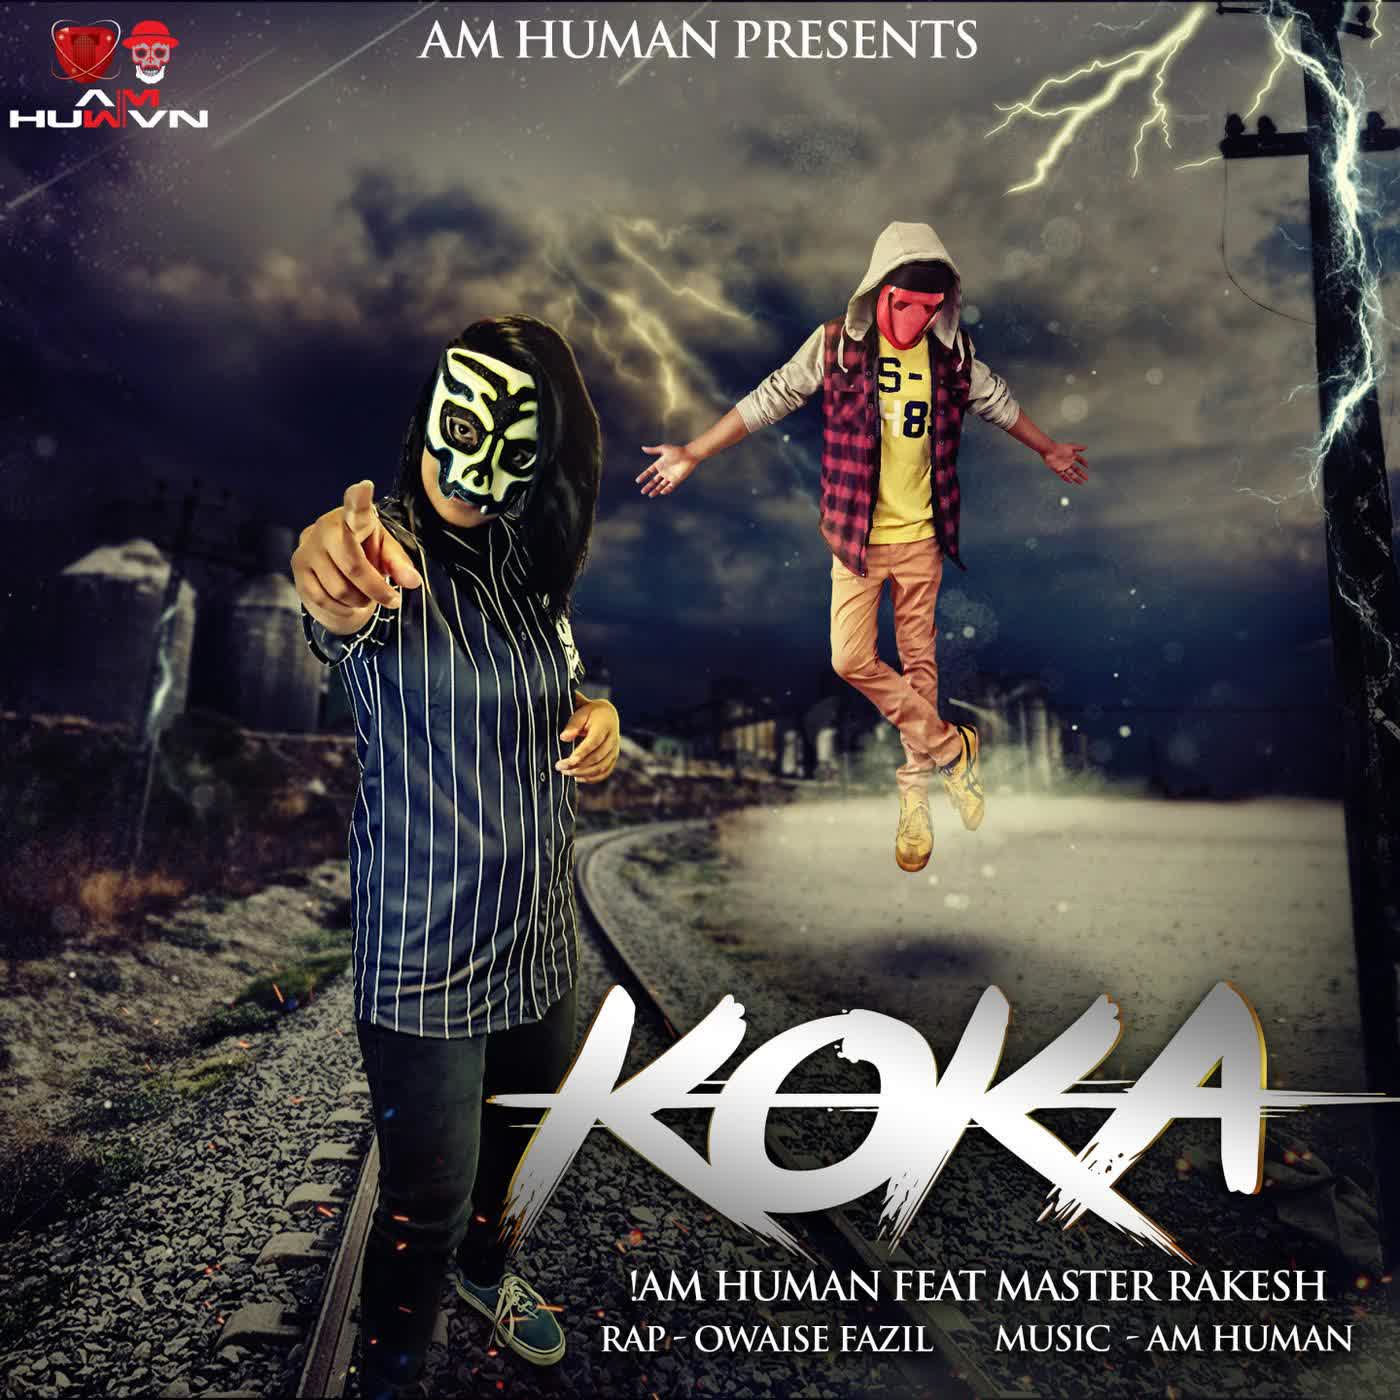 Koka Master Rakesh